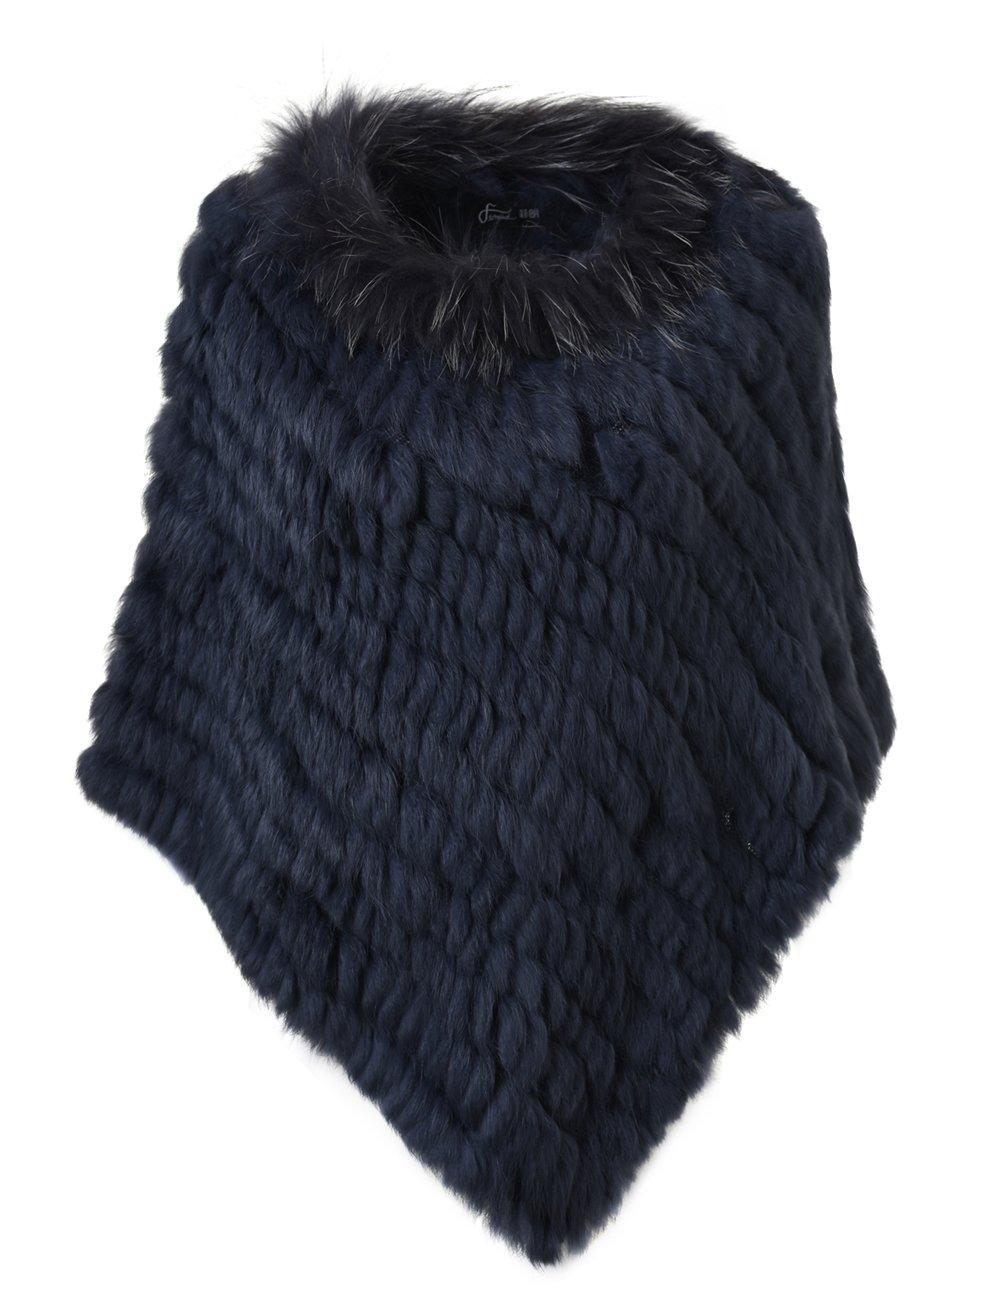 Ferand - Poncho Elegante Mantella Casdo Inverno A Maglia in Pelliccia Vera  di Coniglio con Colletto in Pelliccia di Procione - Donna 783f036731c